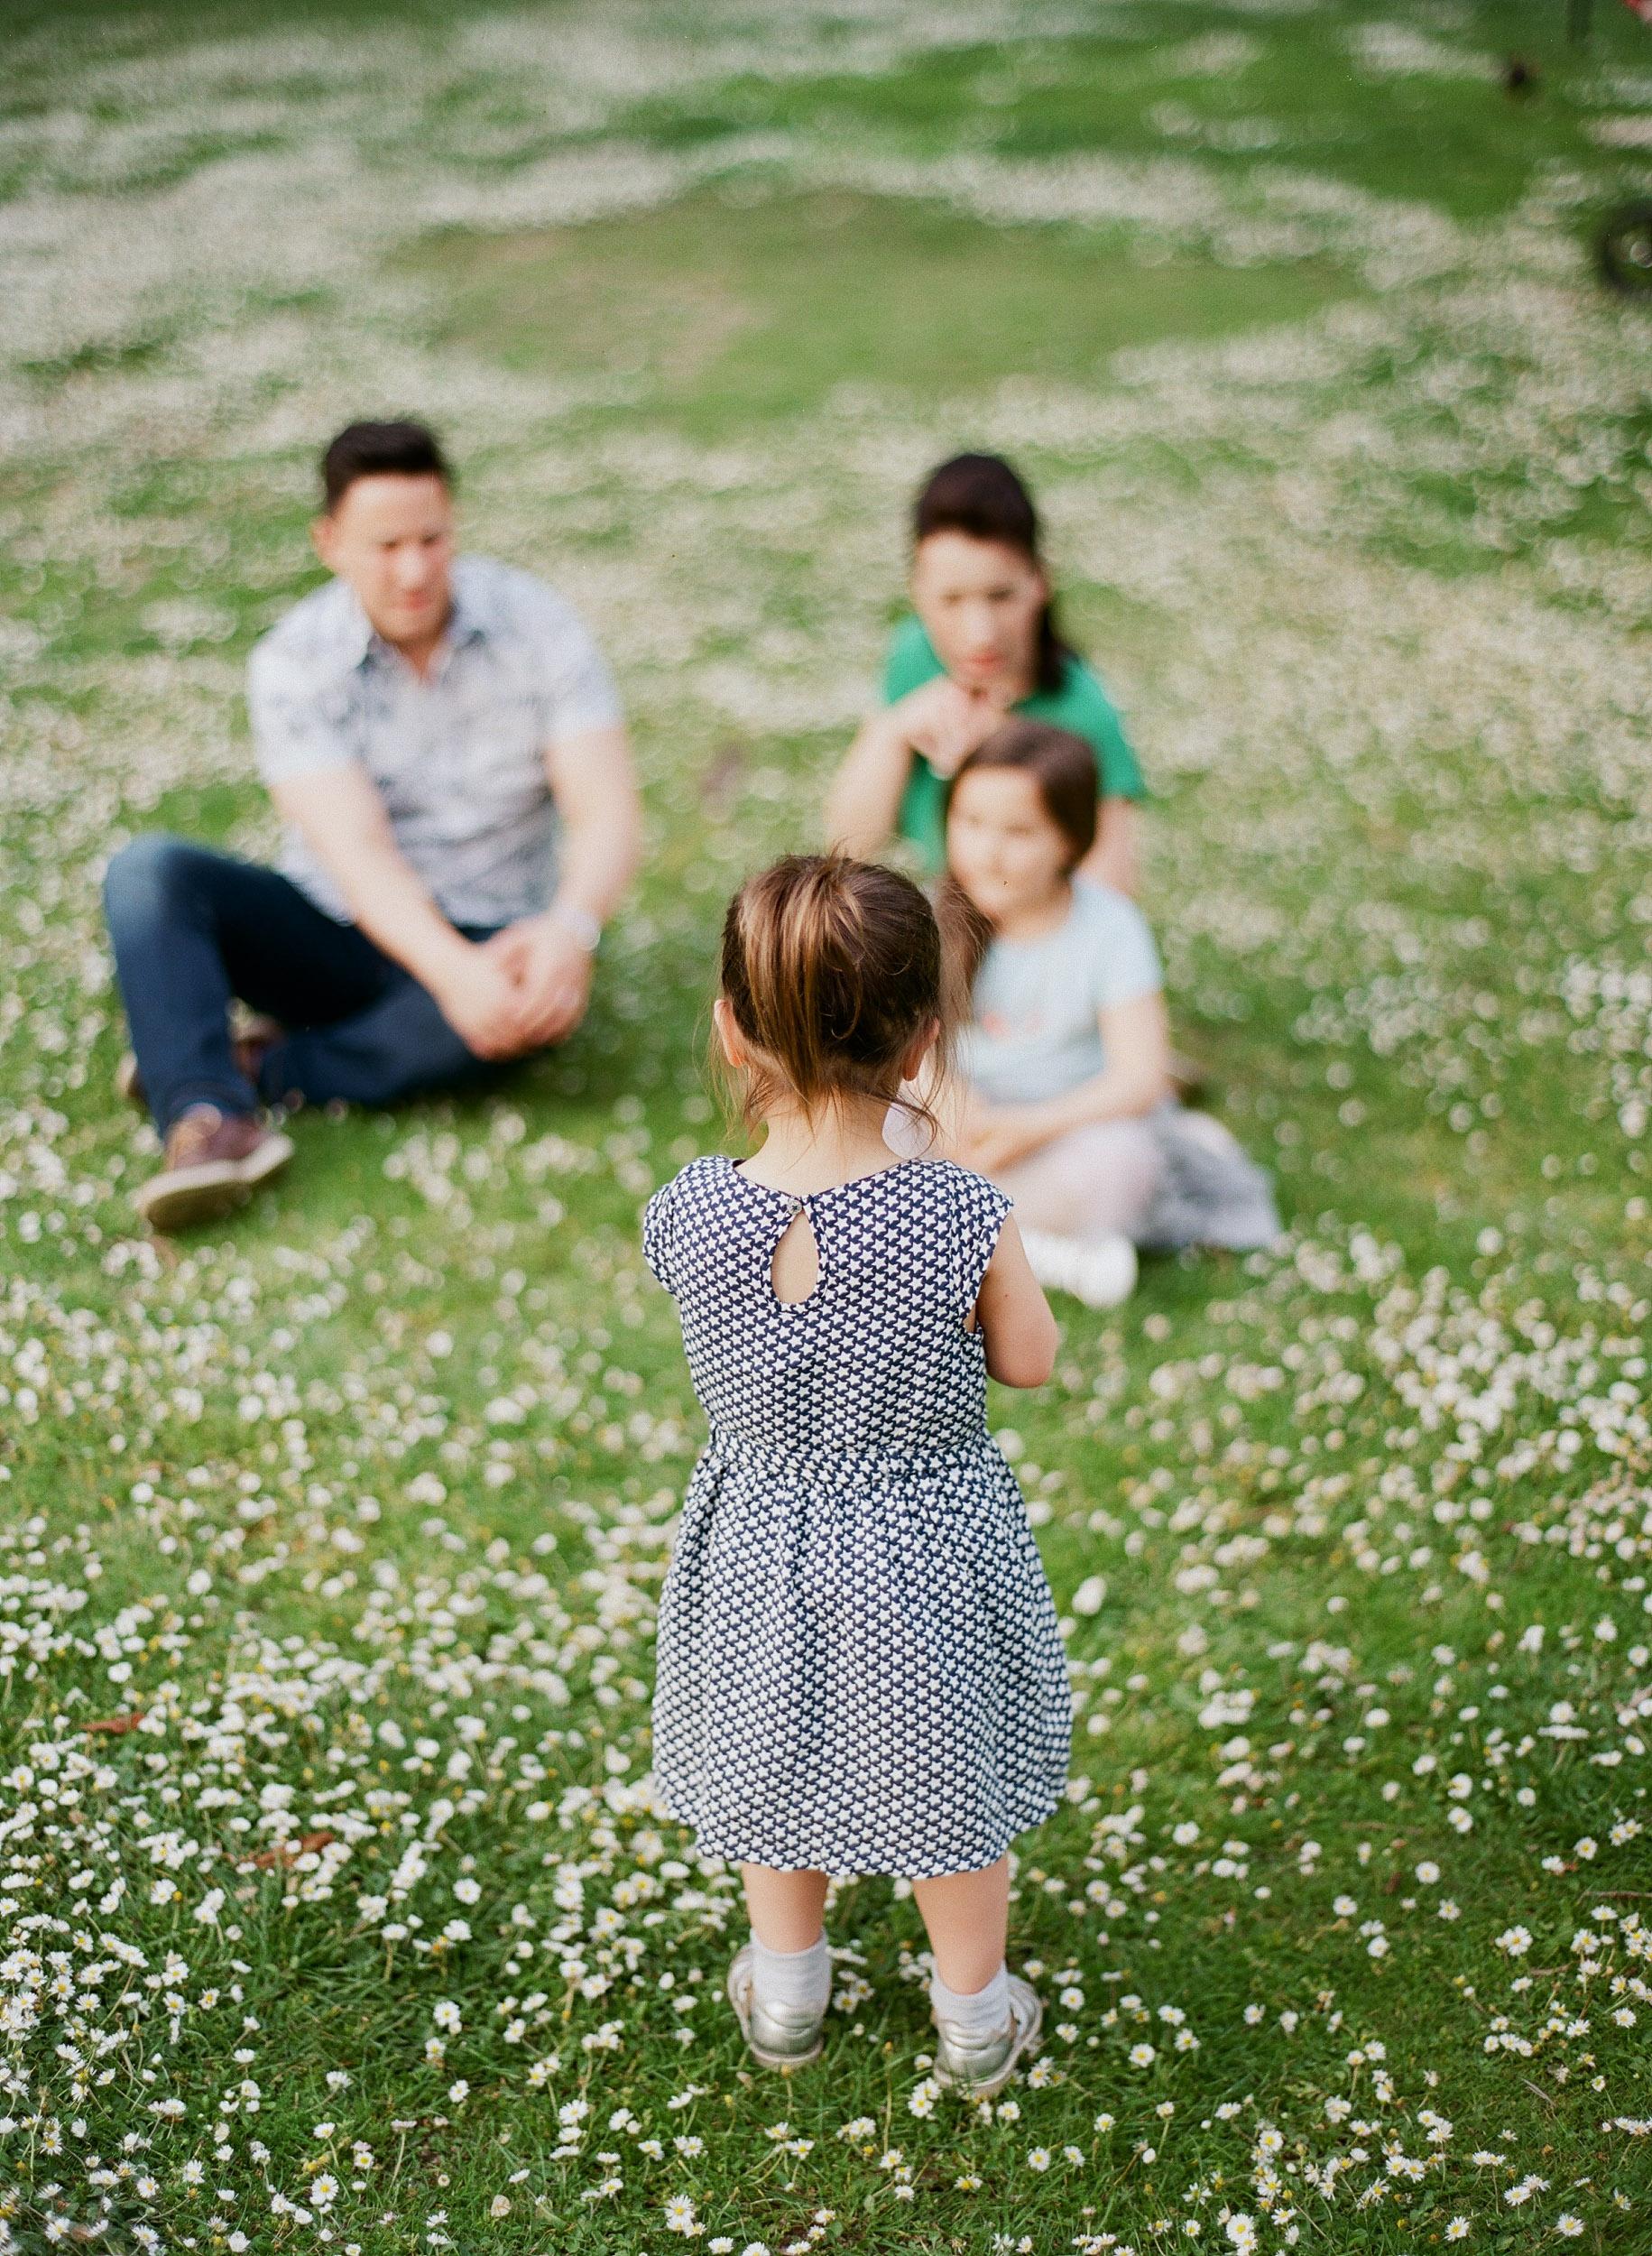 family (6 of 12) - 000077310001.jpg